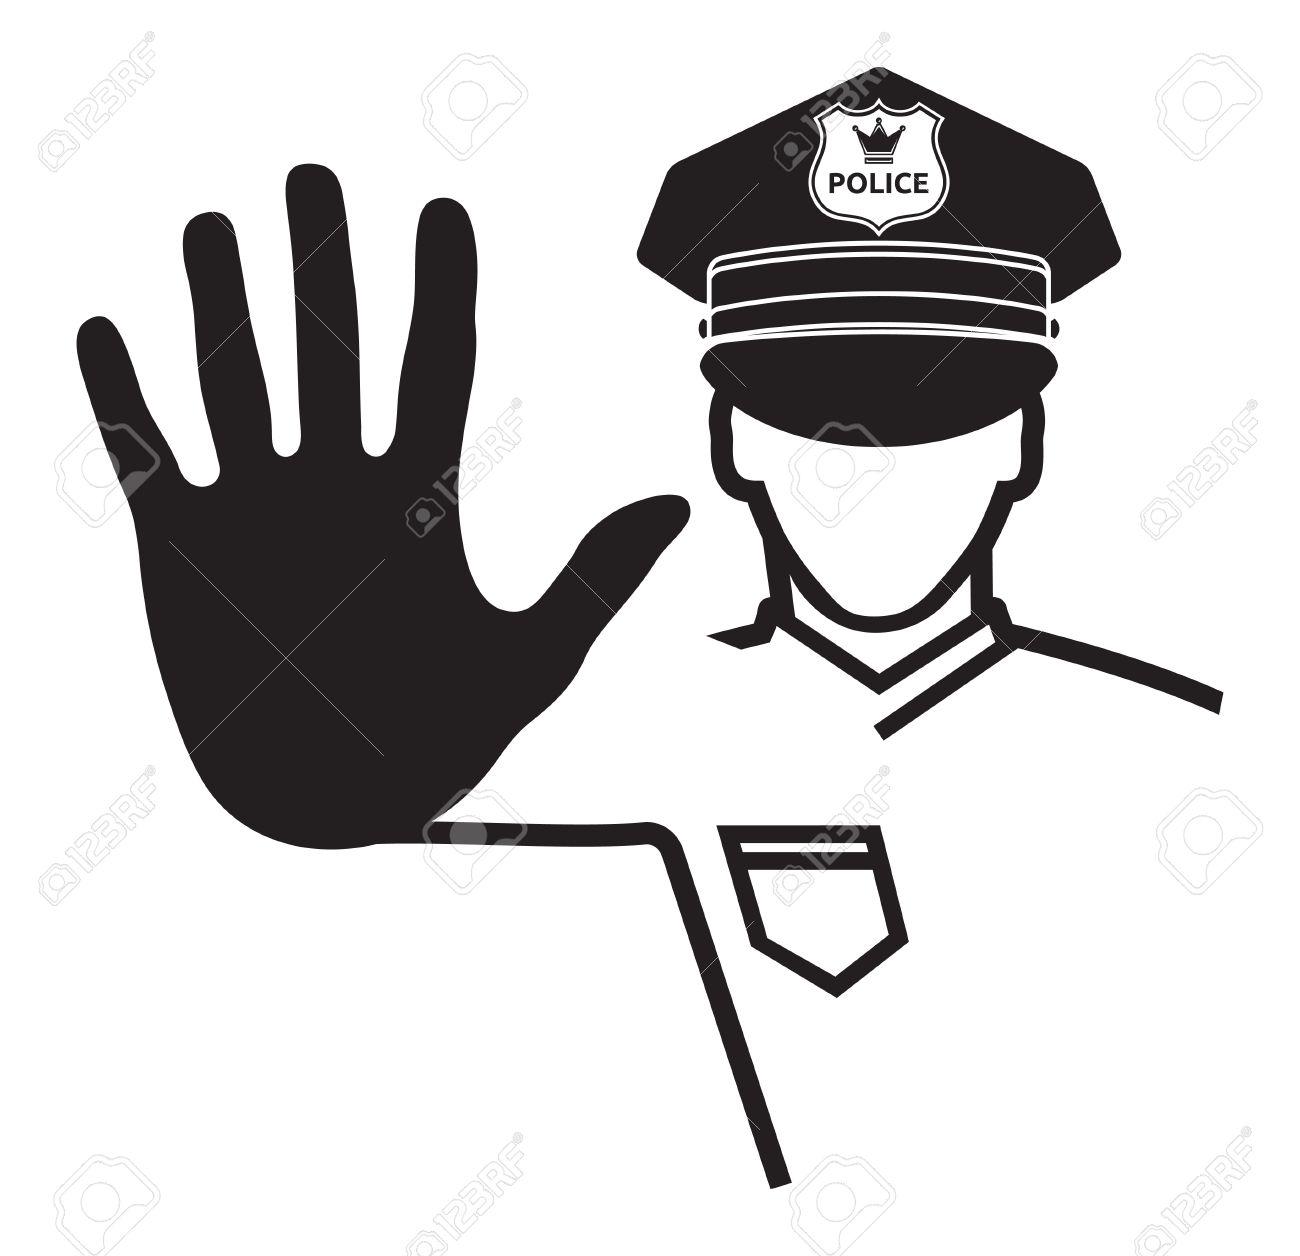 Stop Policemen - 41503914